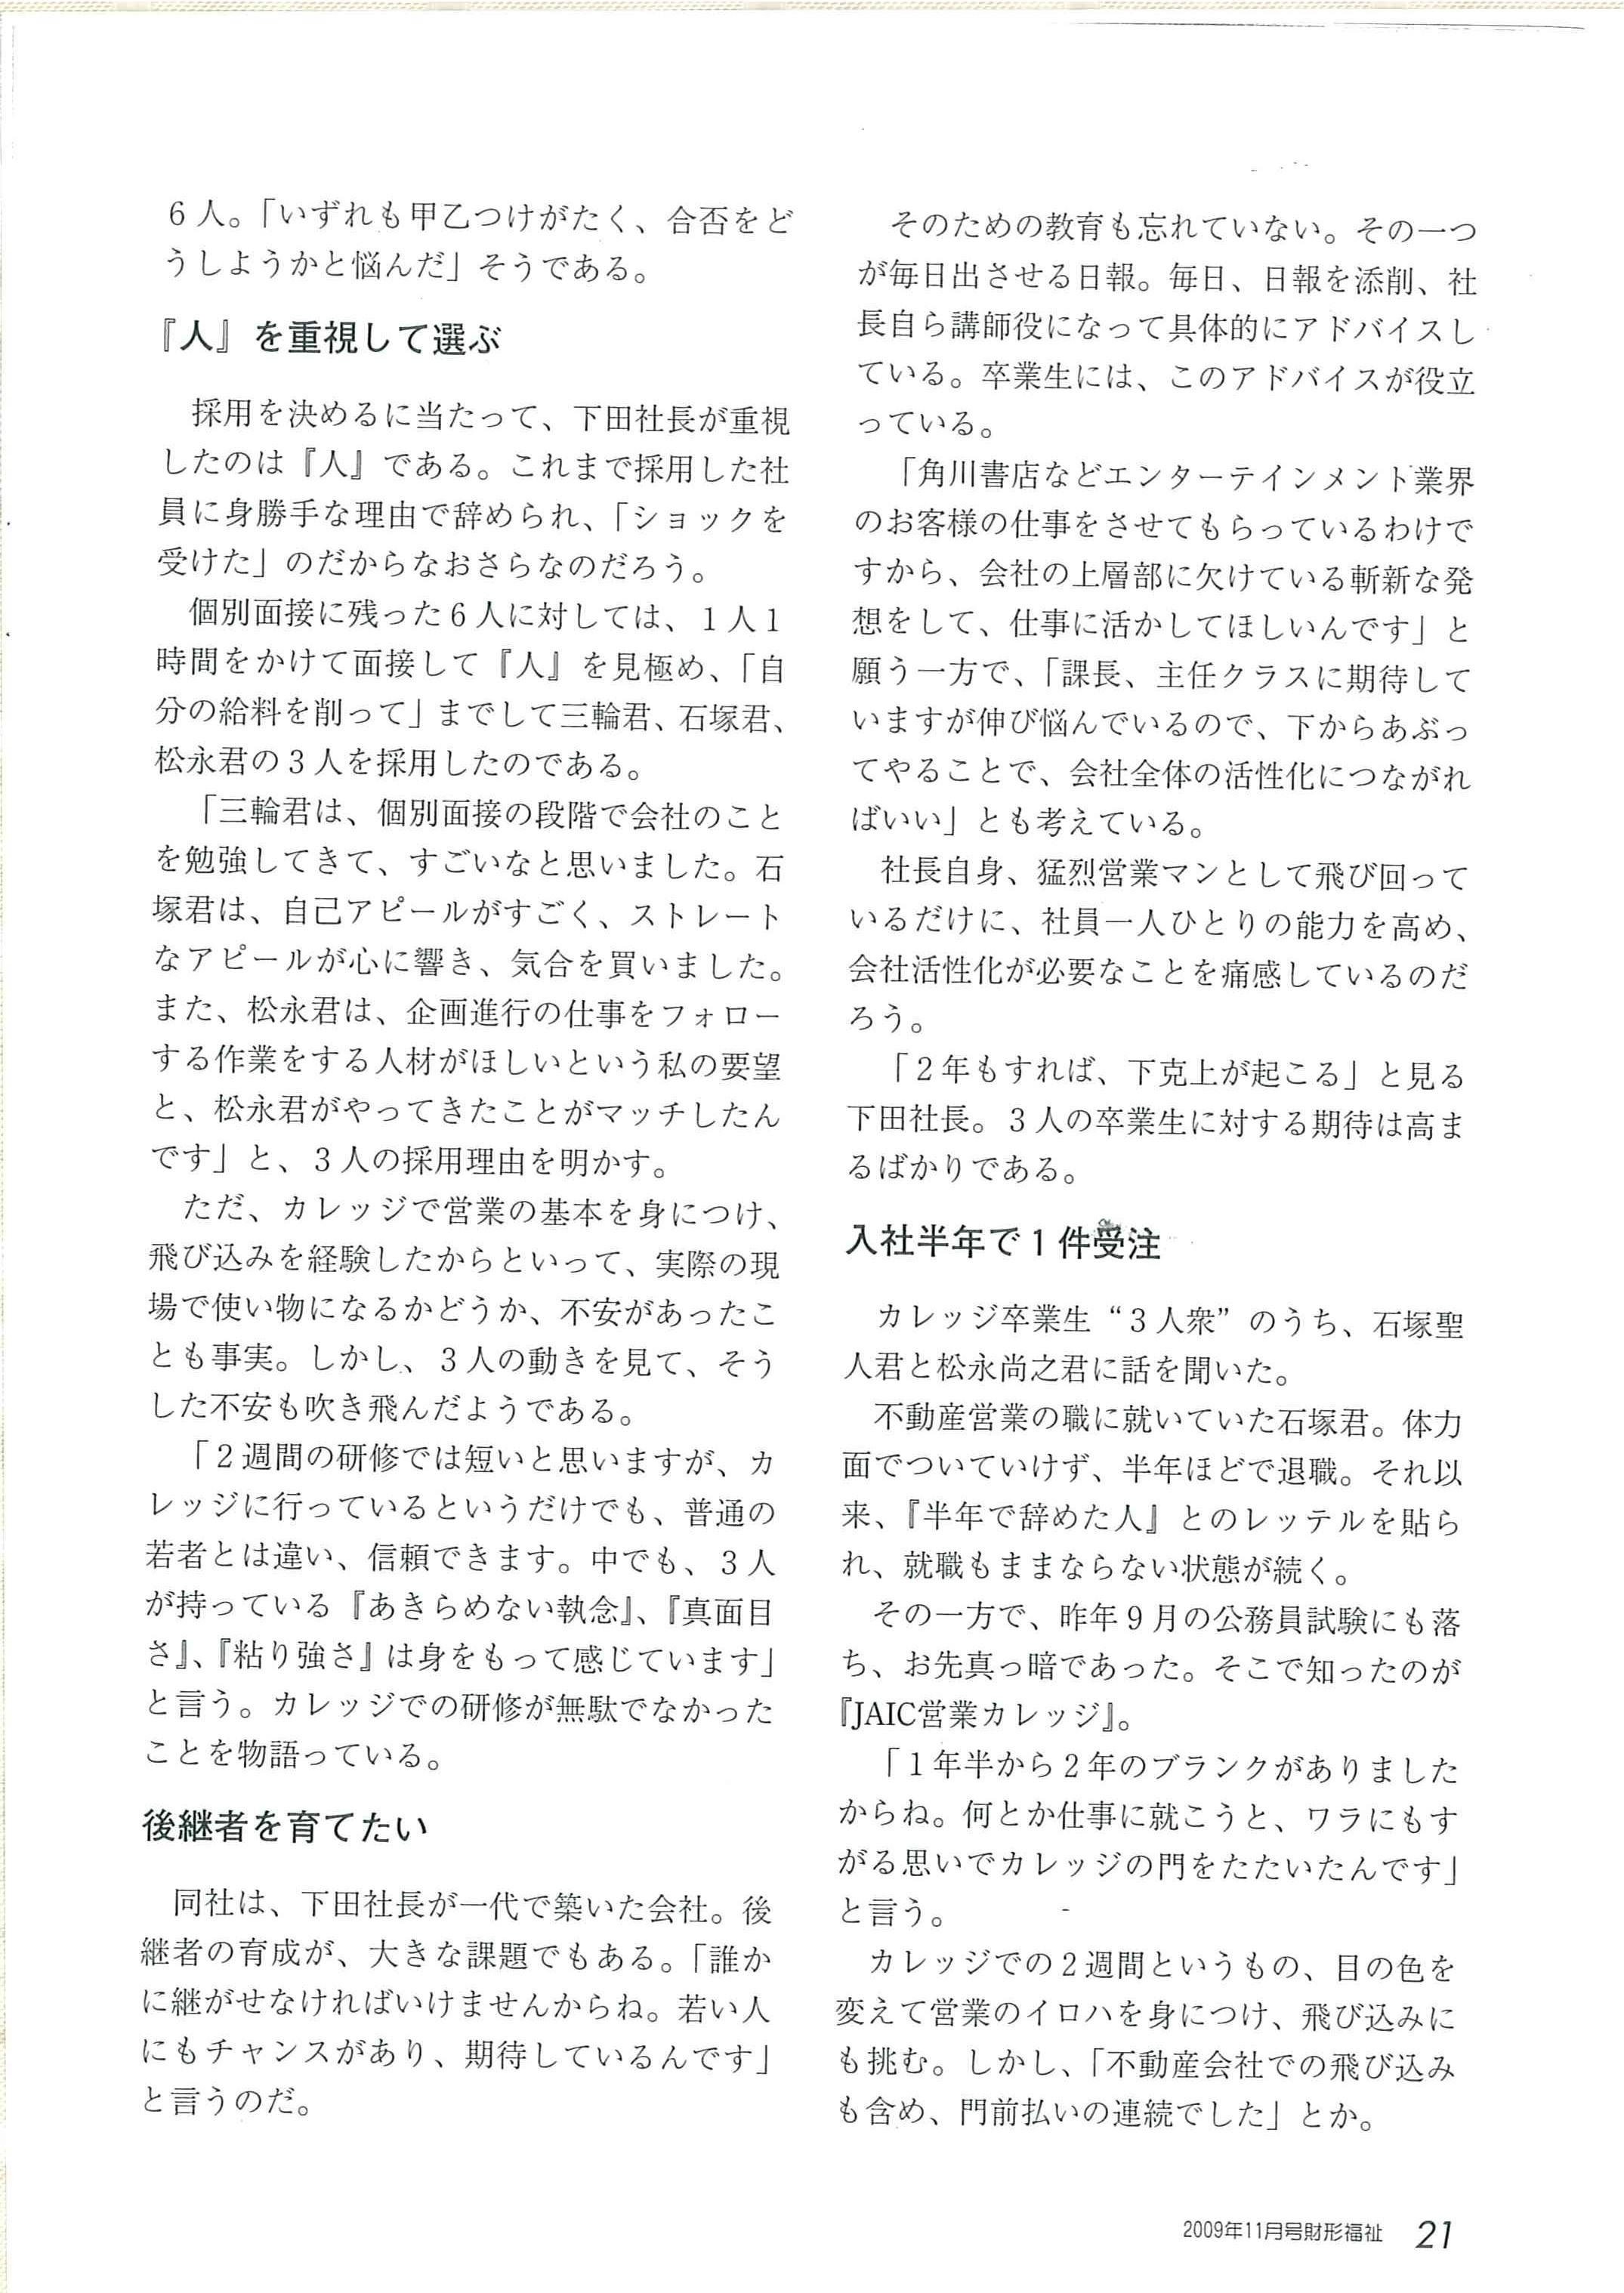 財形福祉 2009年11月号2ページ